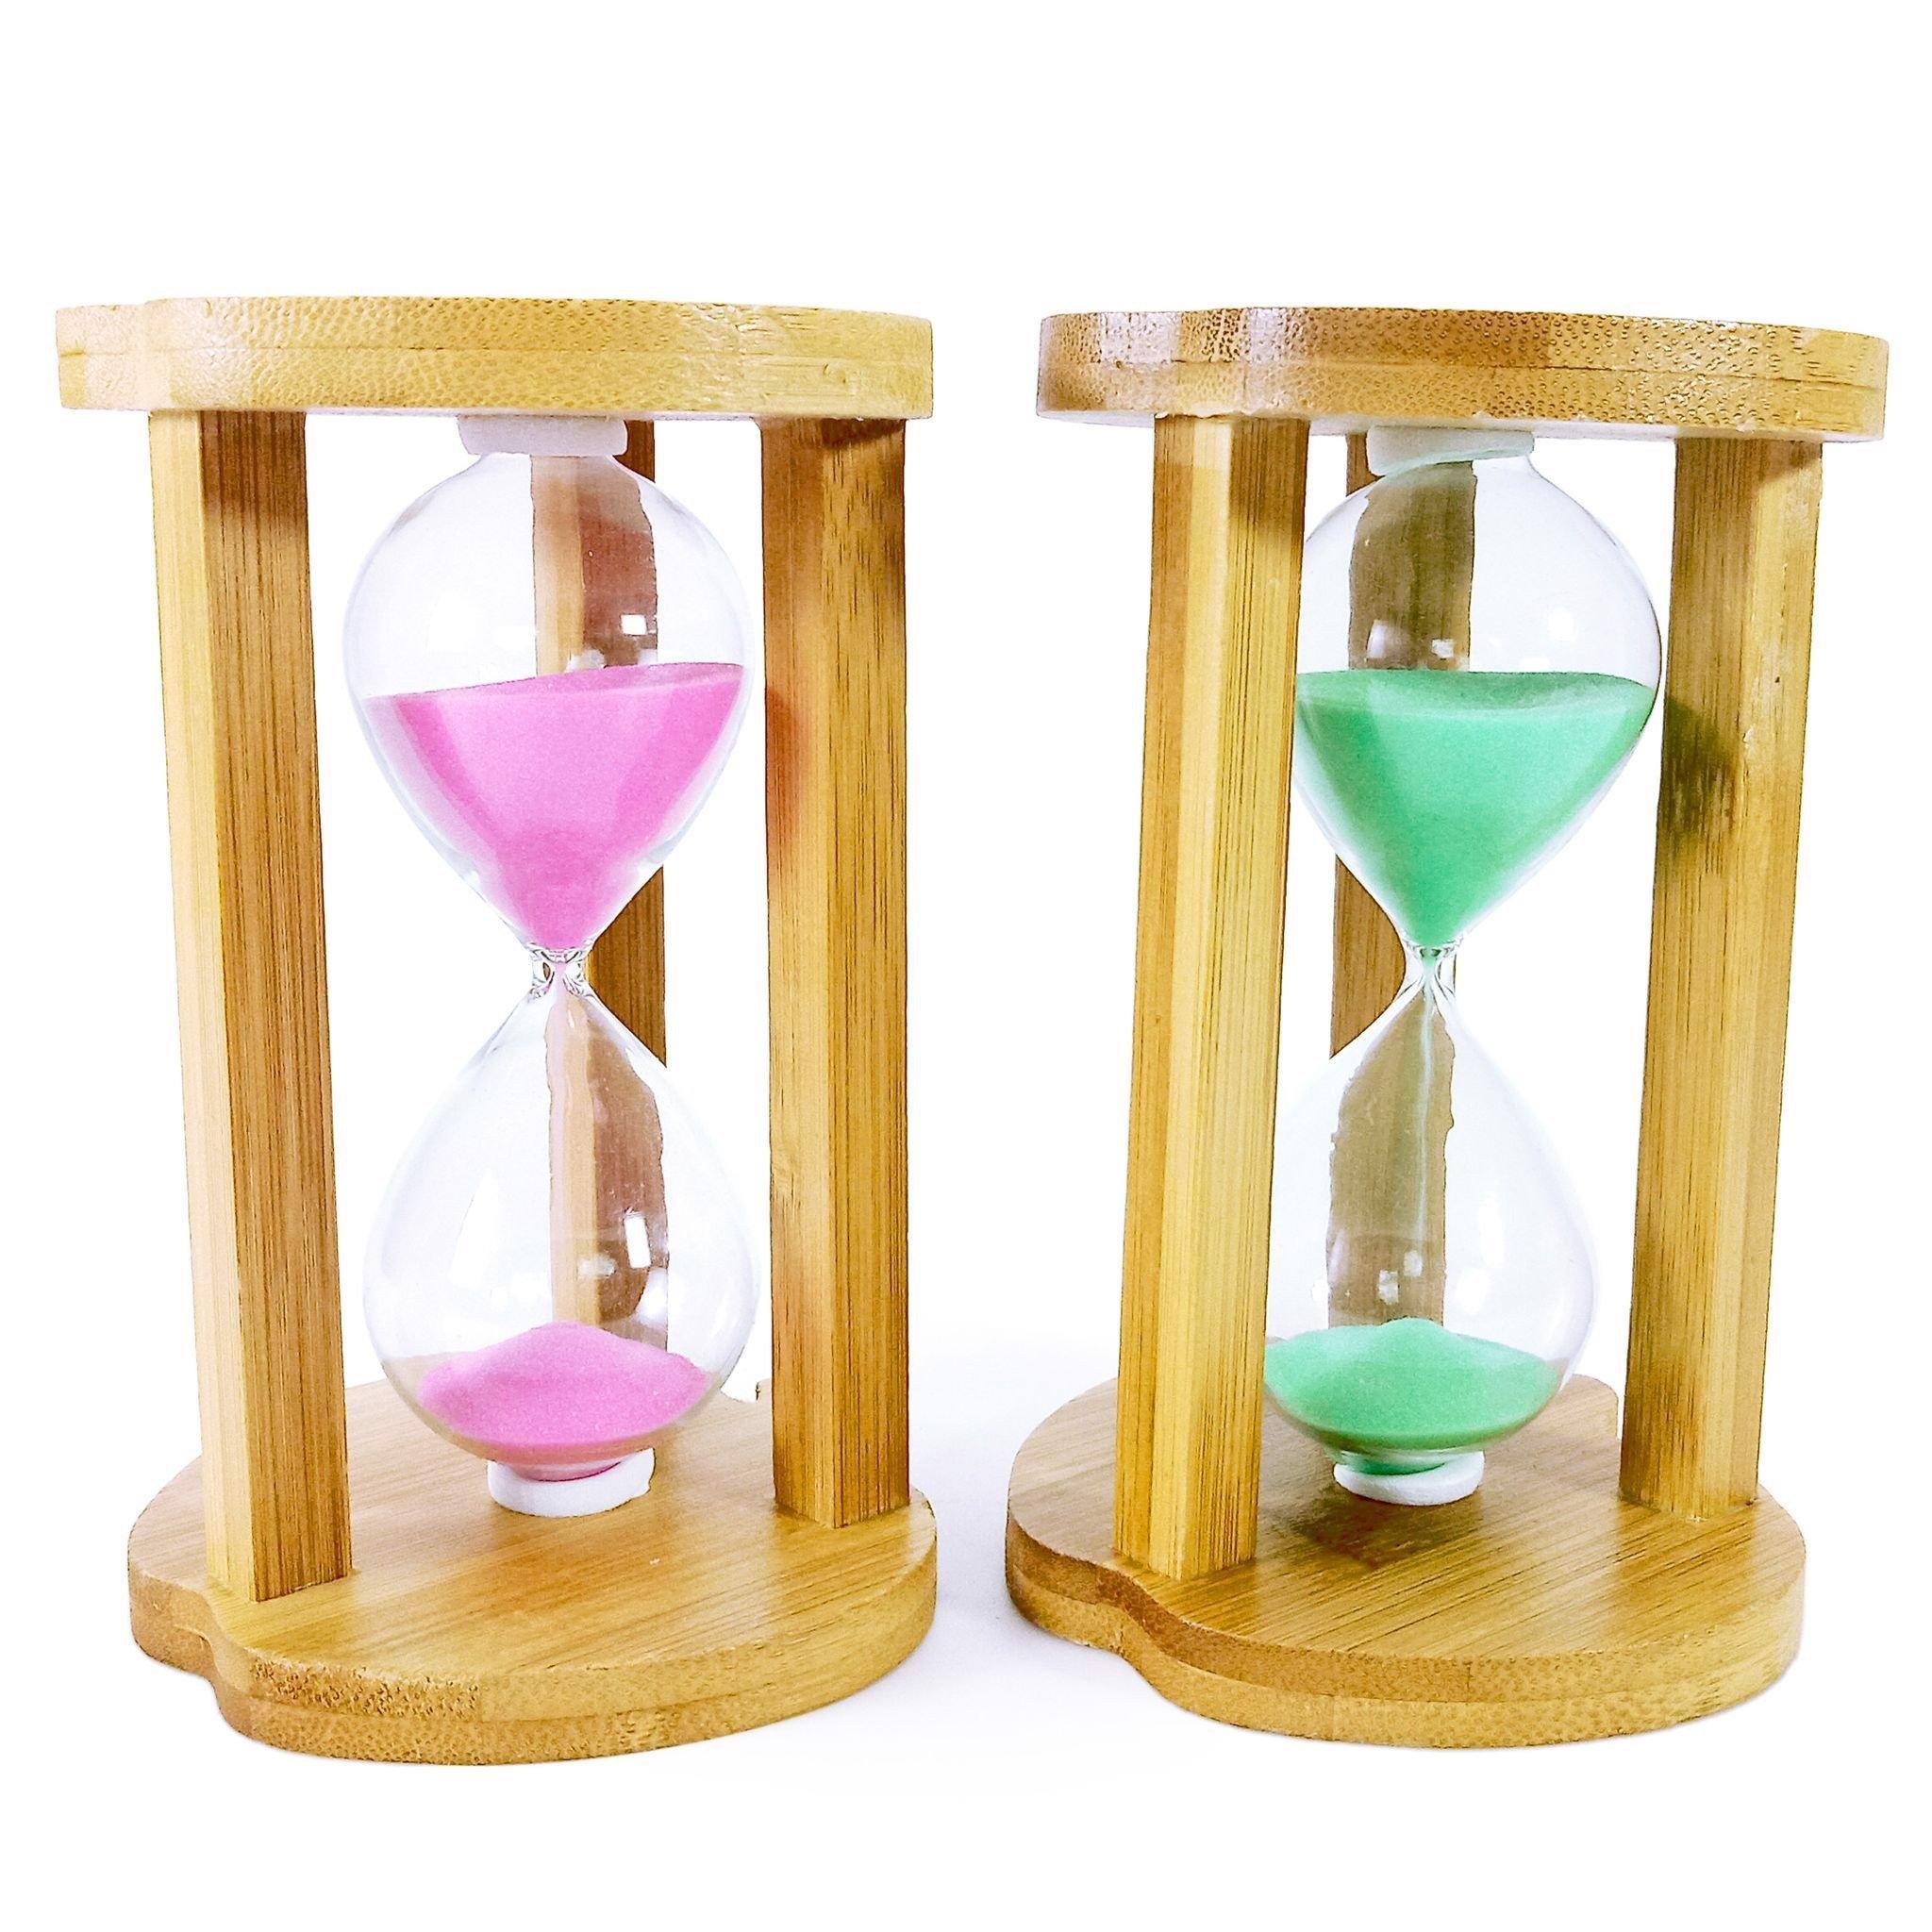 Đồng hồ cát giúp lưu giữ từng khoảnh khắc